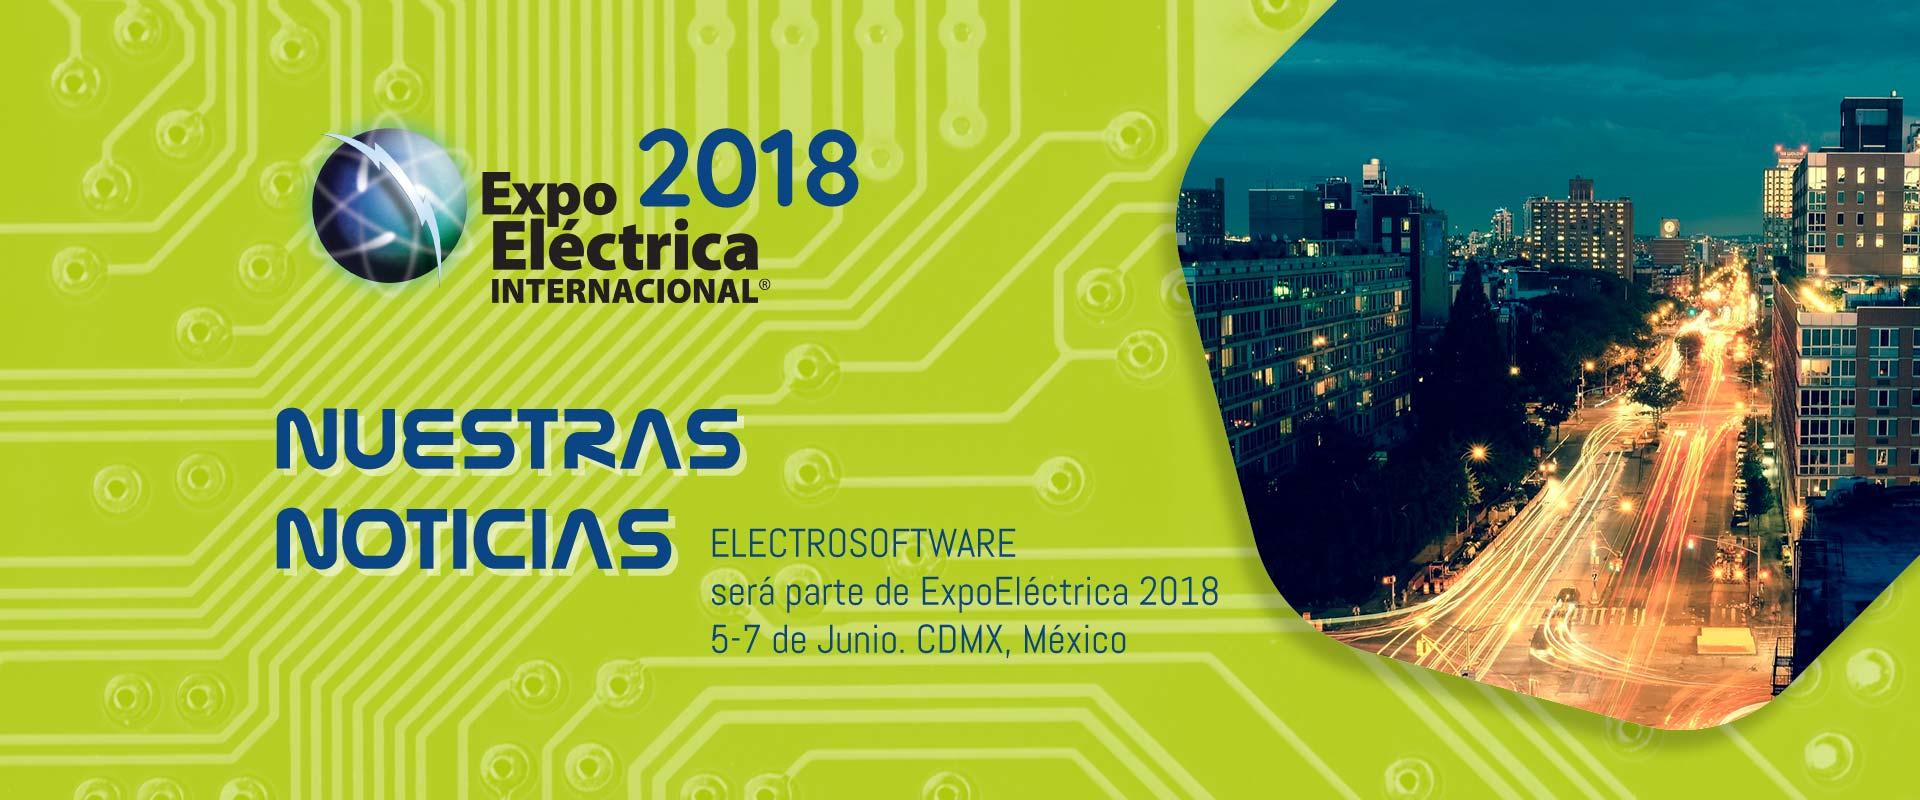 imagen de Noticias ElectroSoftware Software y tecnología Bucaramanga mintic